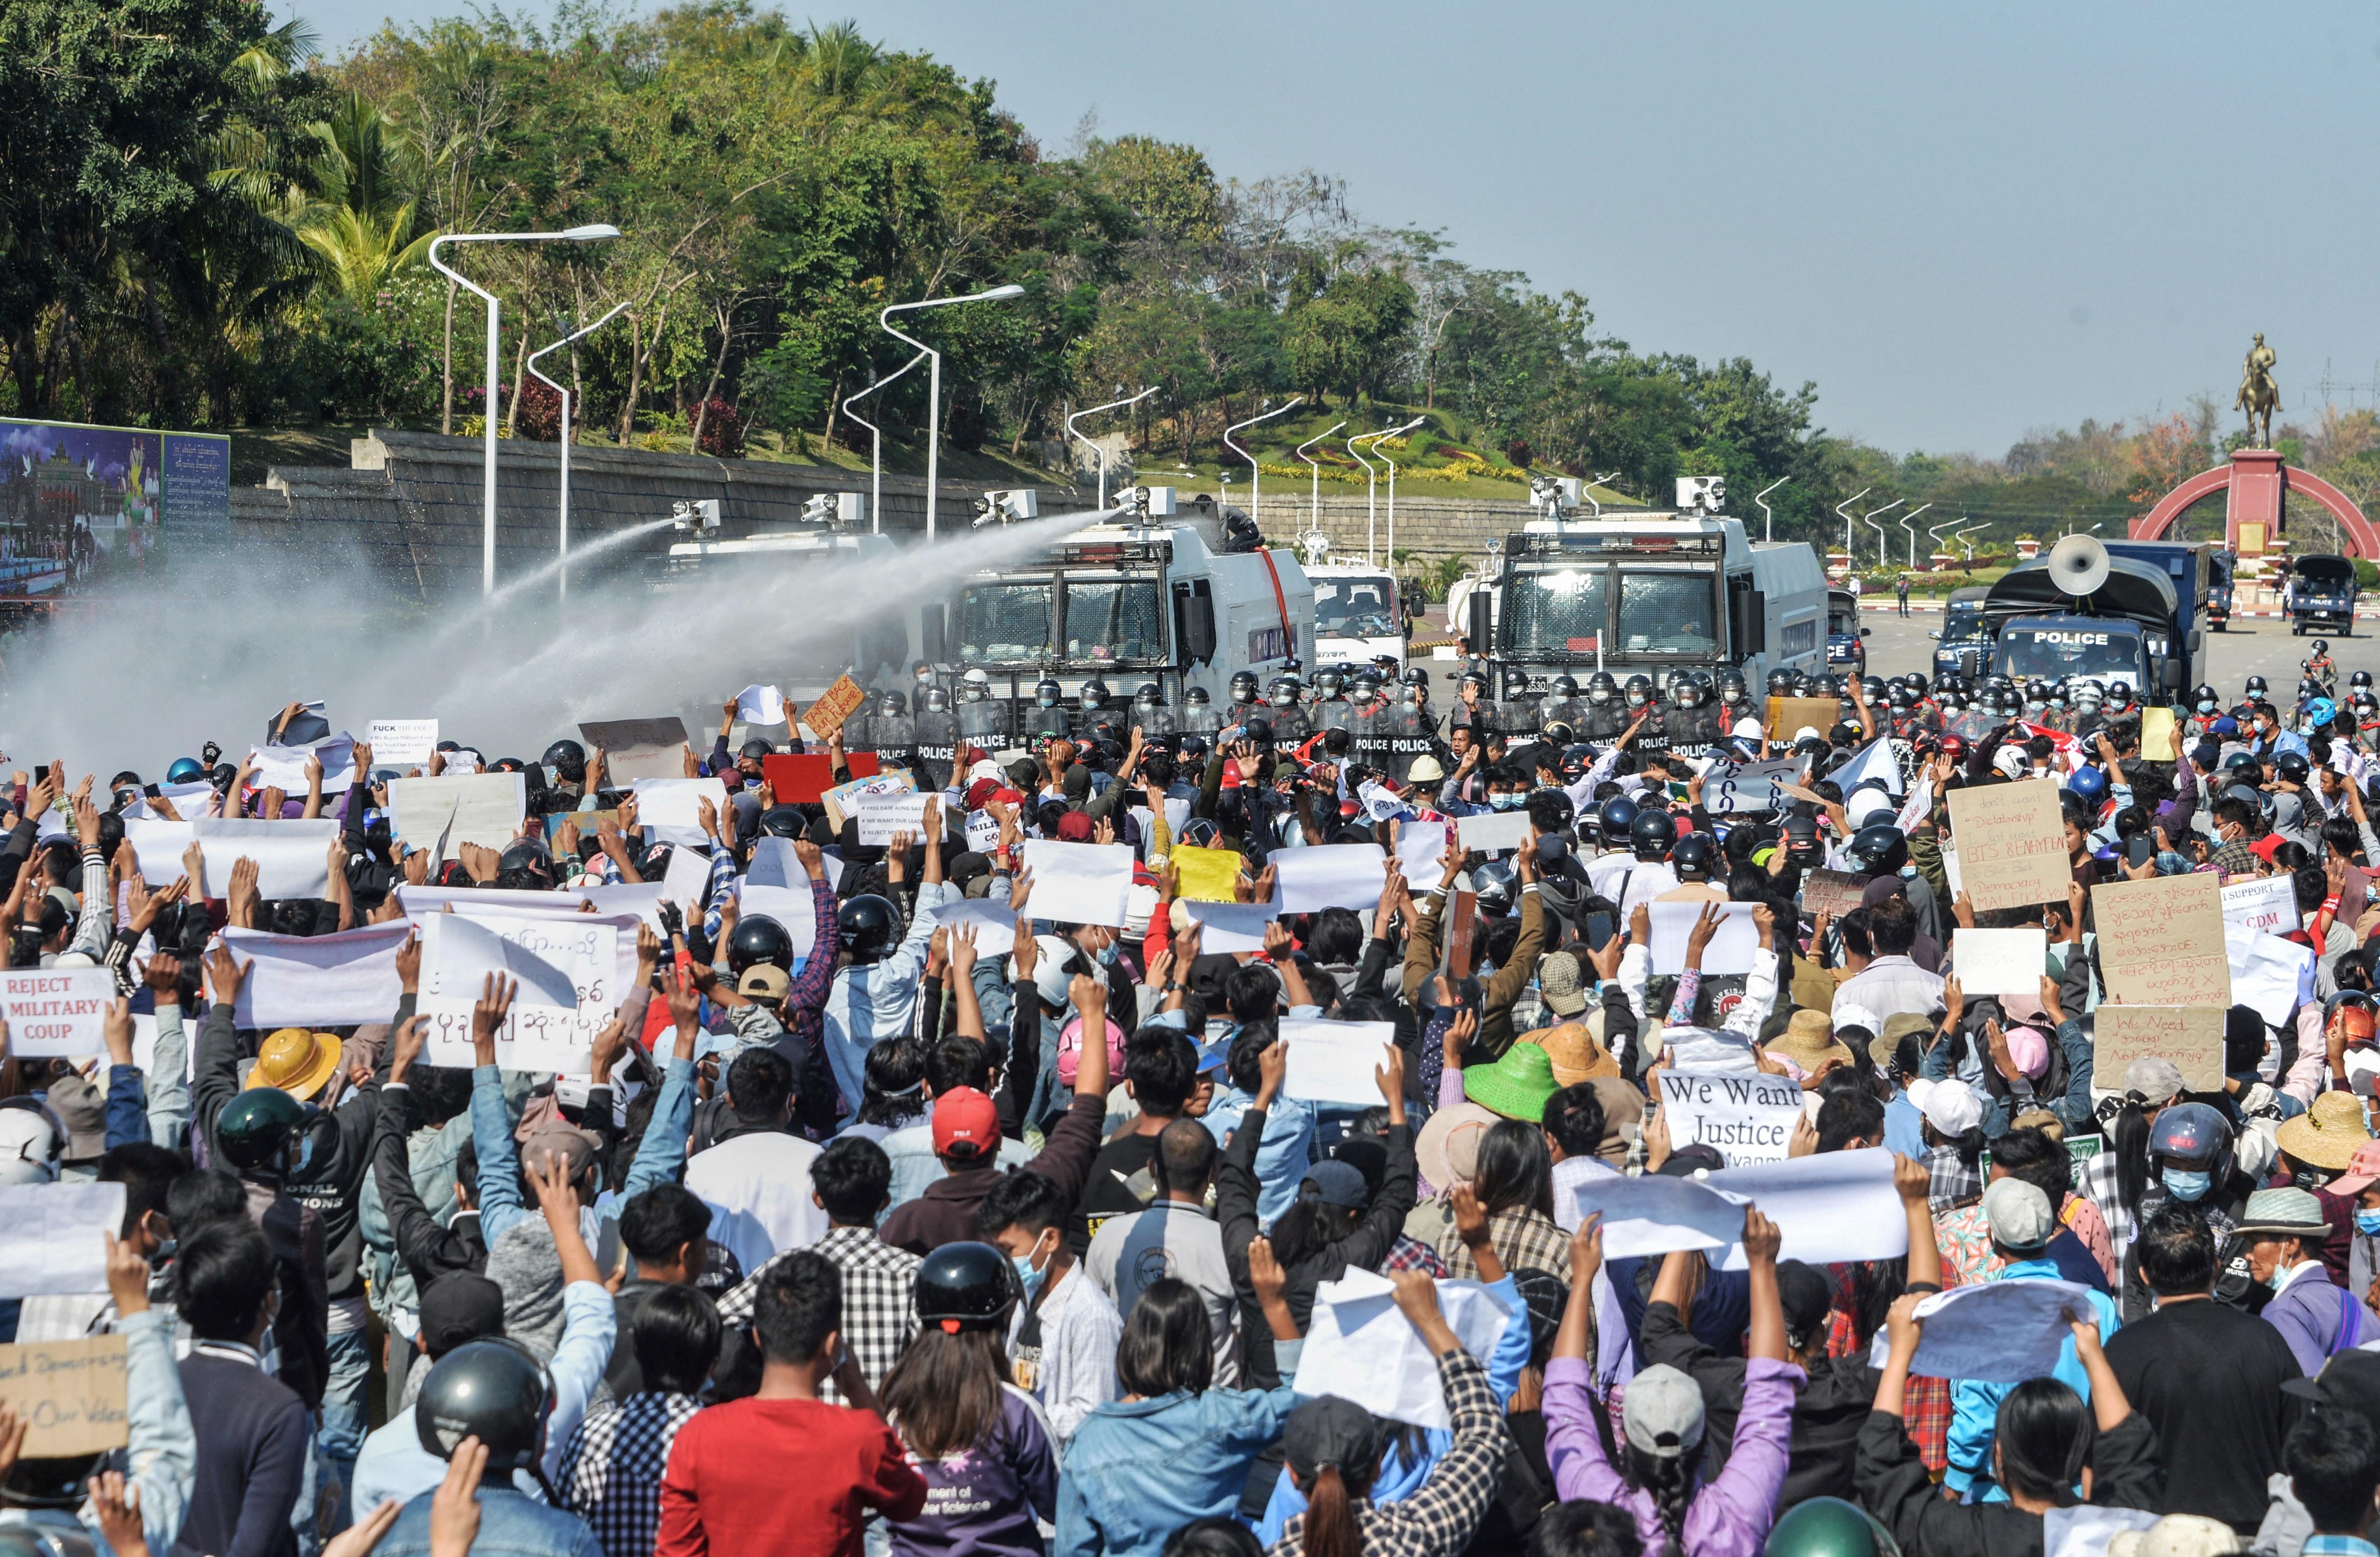 Vízágyúkkal és kijárási tilalommal lépett fel a hadsereg a tüntetők ellen Mianmarban